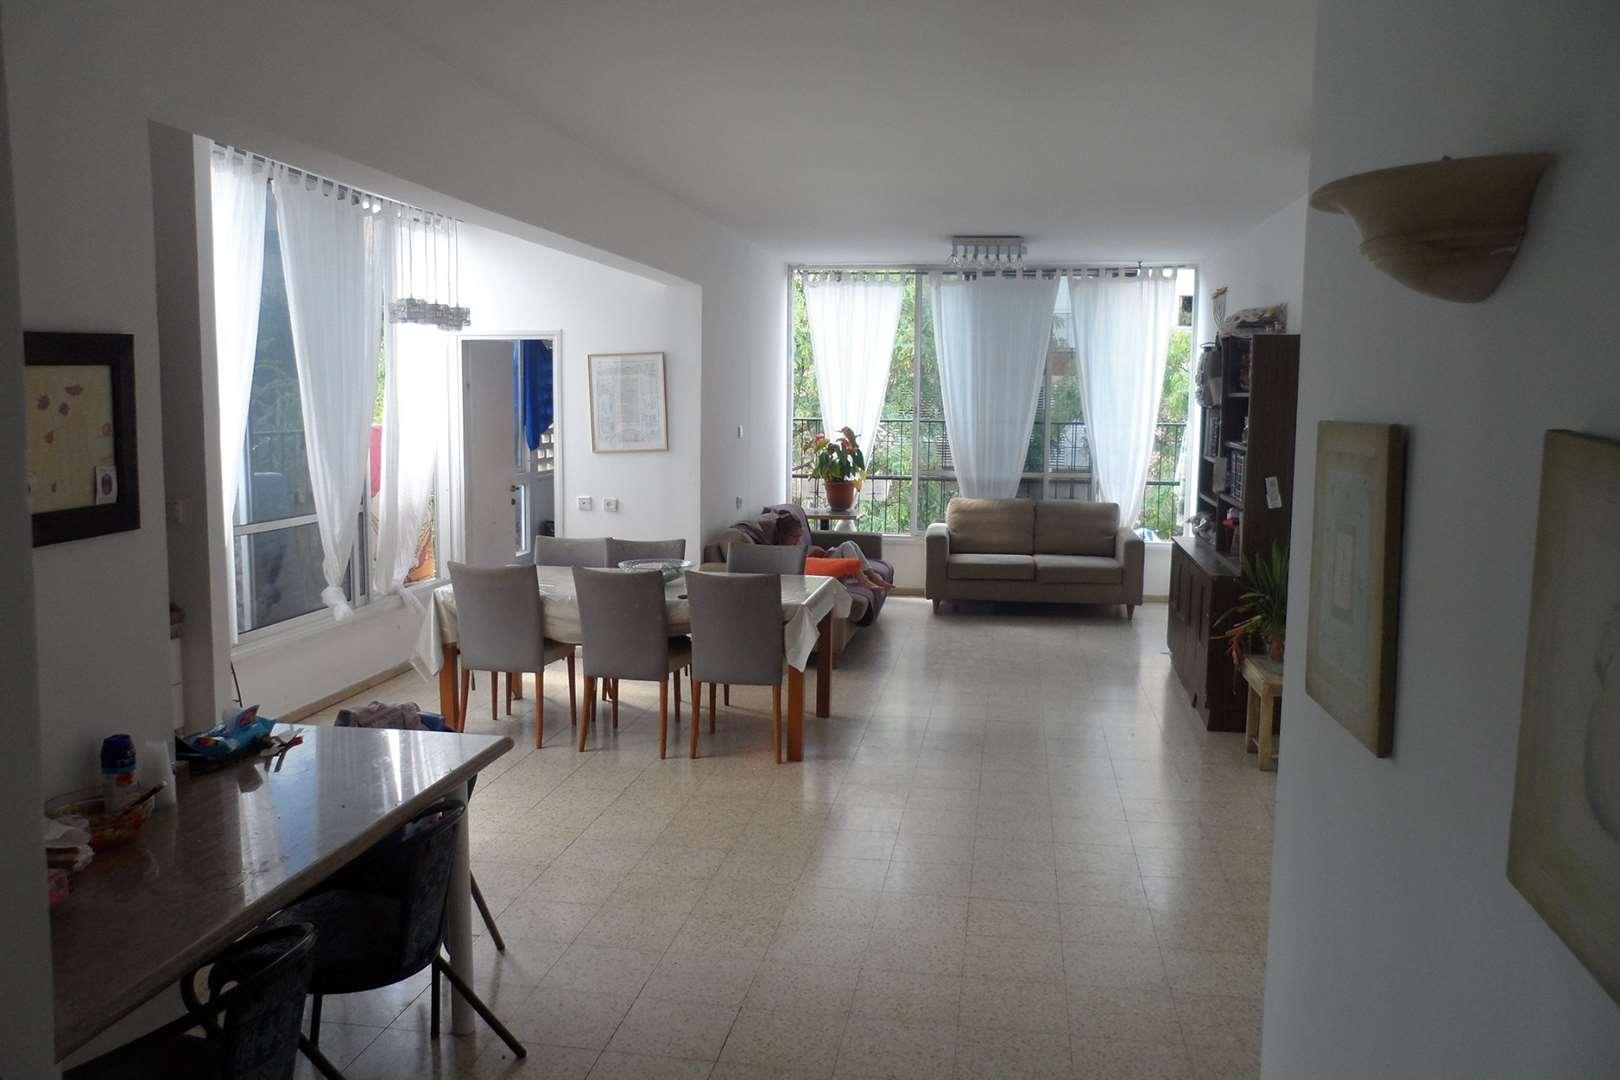 דירה להשכרה 4 חדרים בפתח תקווה דוד צבי פנקס ביהח השרון